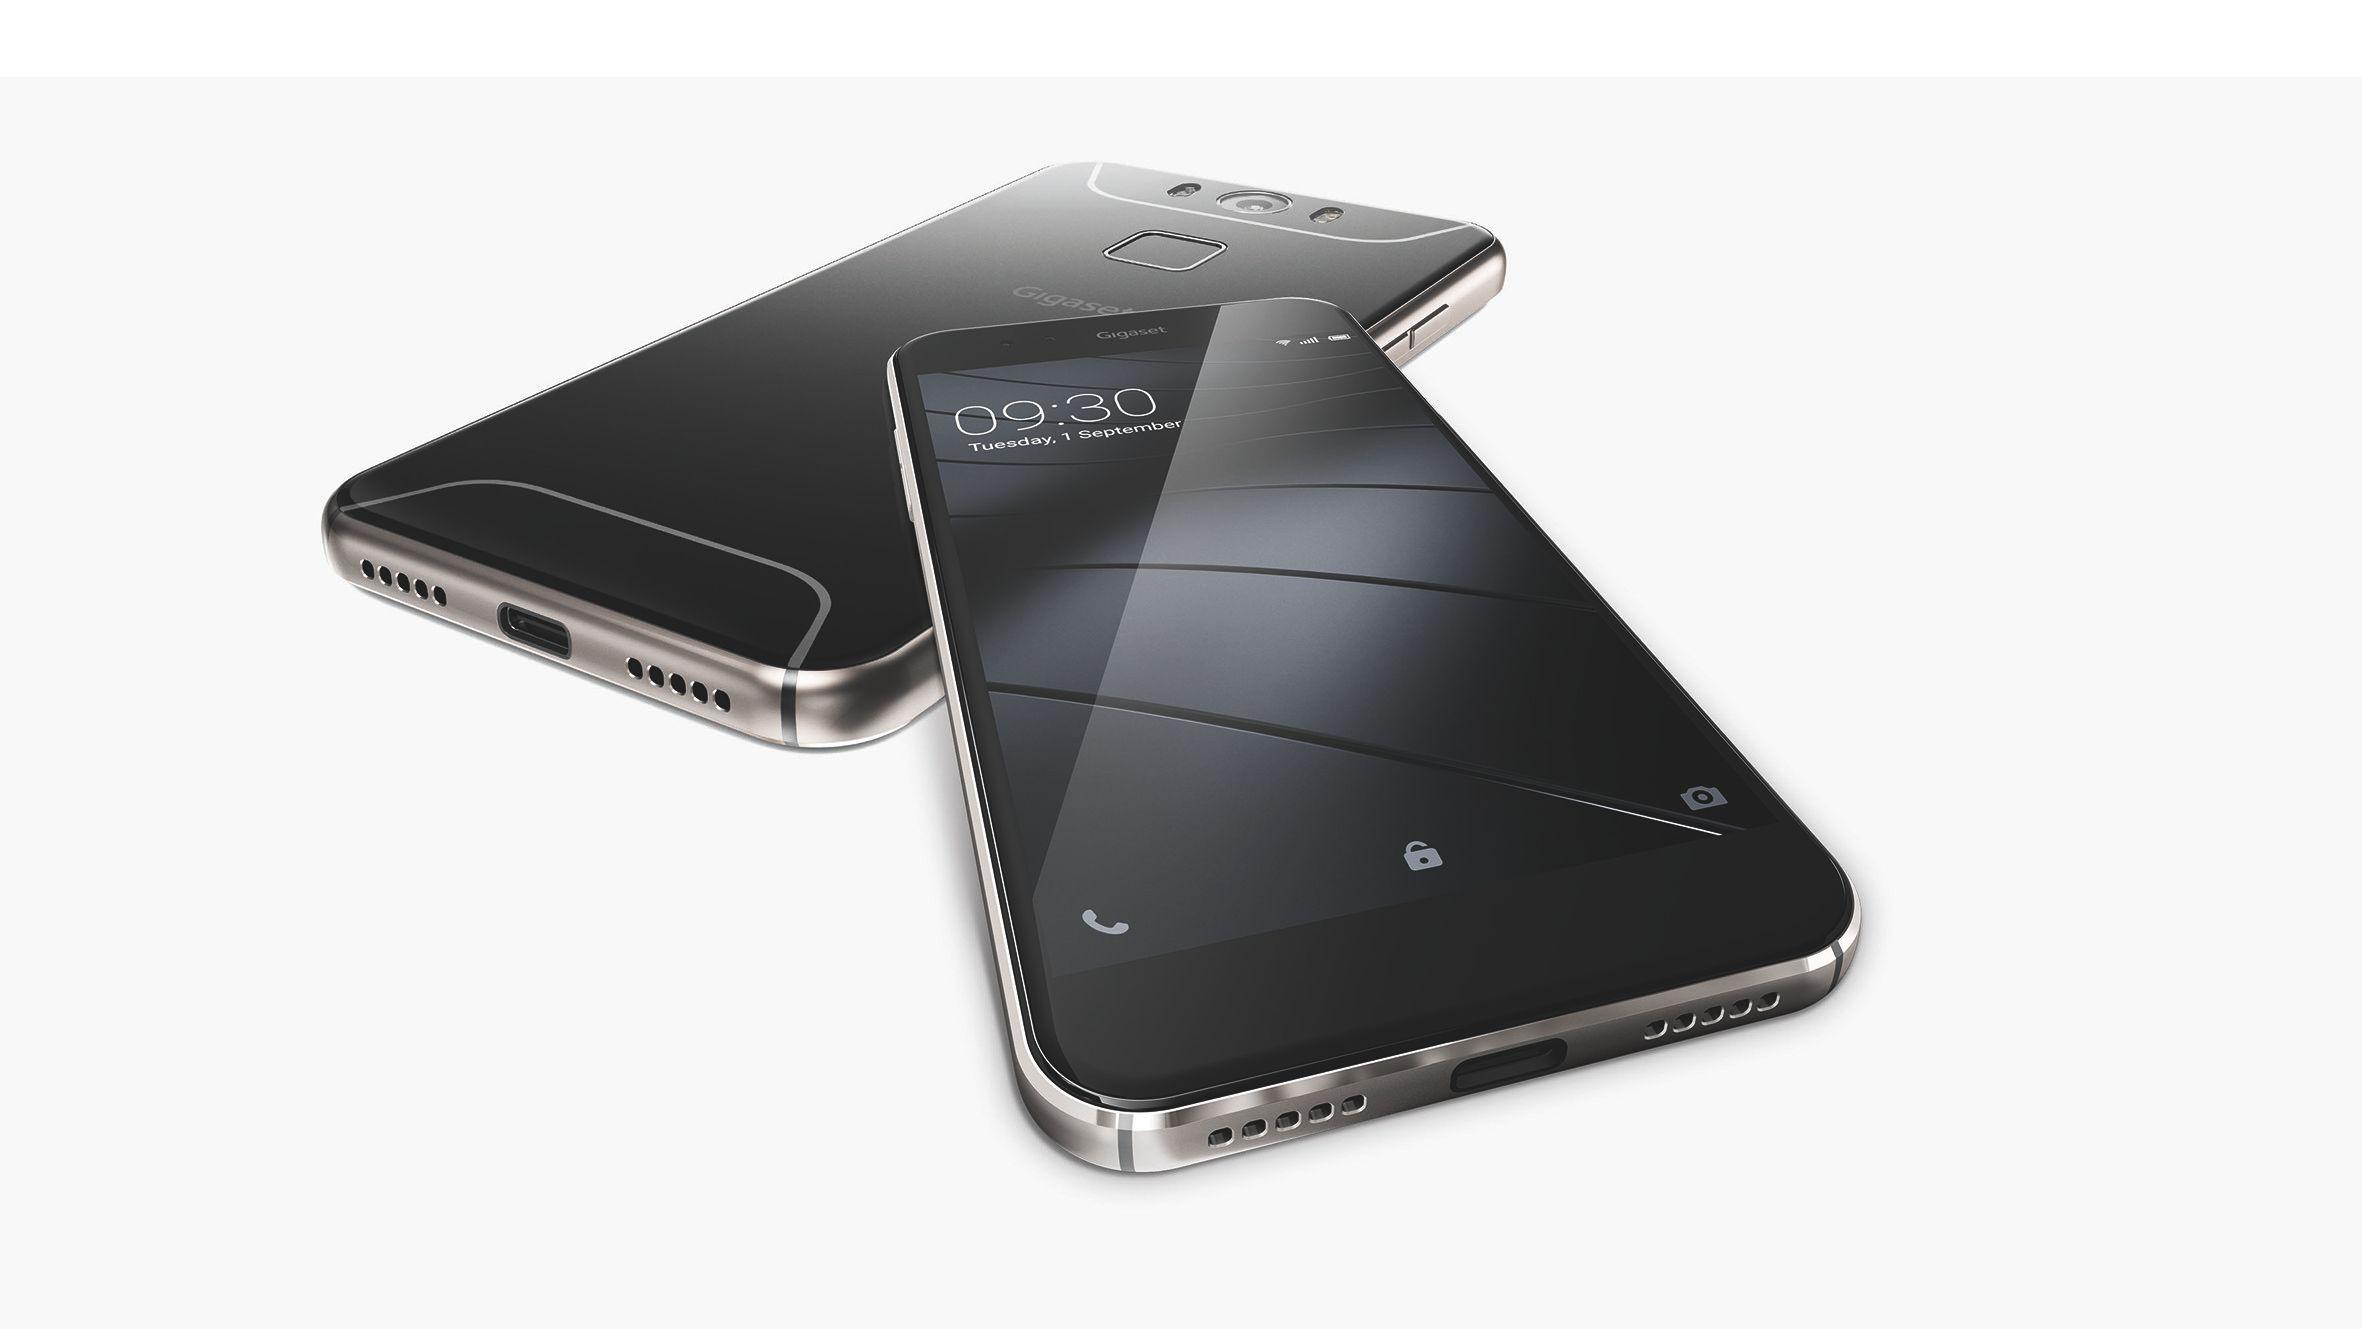 Gigasets ME-telefoner er en av de første som lanserer med den nye USB C-kontakten. Det betyr raskere alt, lading og dataoverføring og ikke minst. Du kan sette den inn begge veier. Foto: Odd Richard Valmot